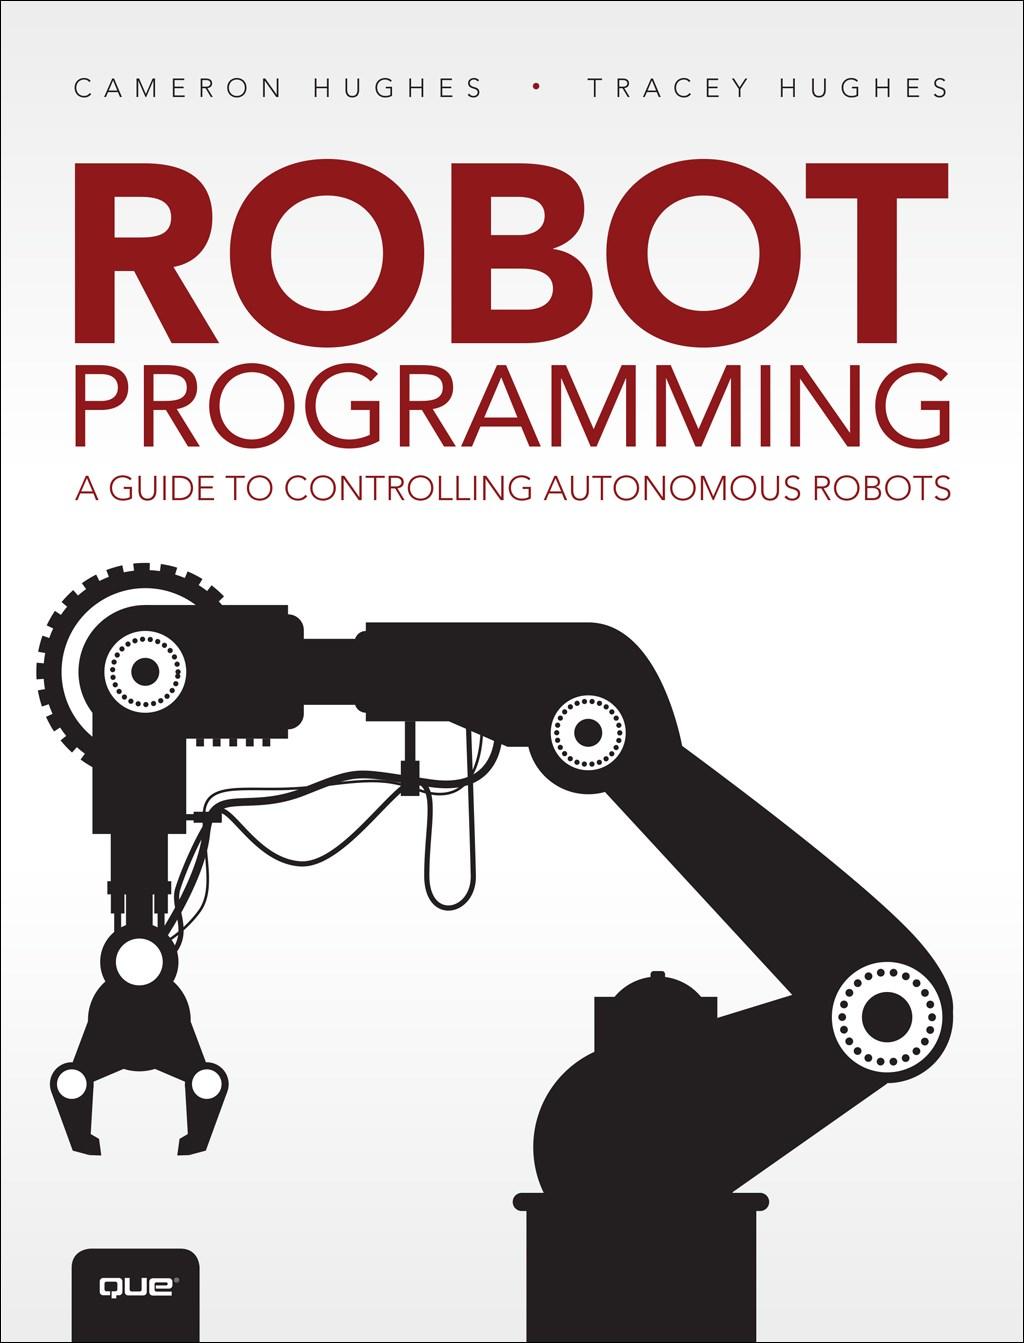 Forex robot programming pdf